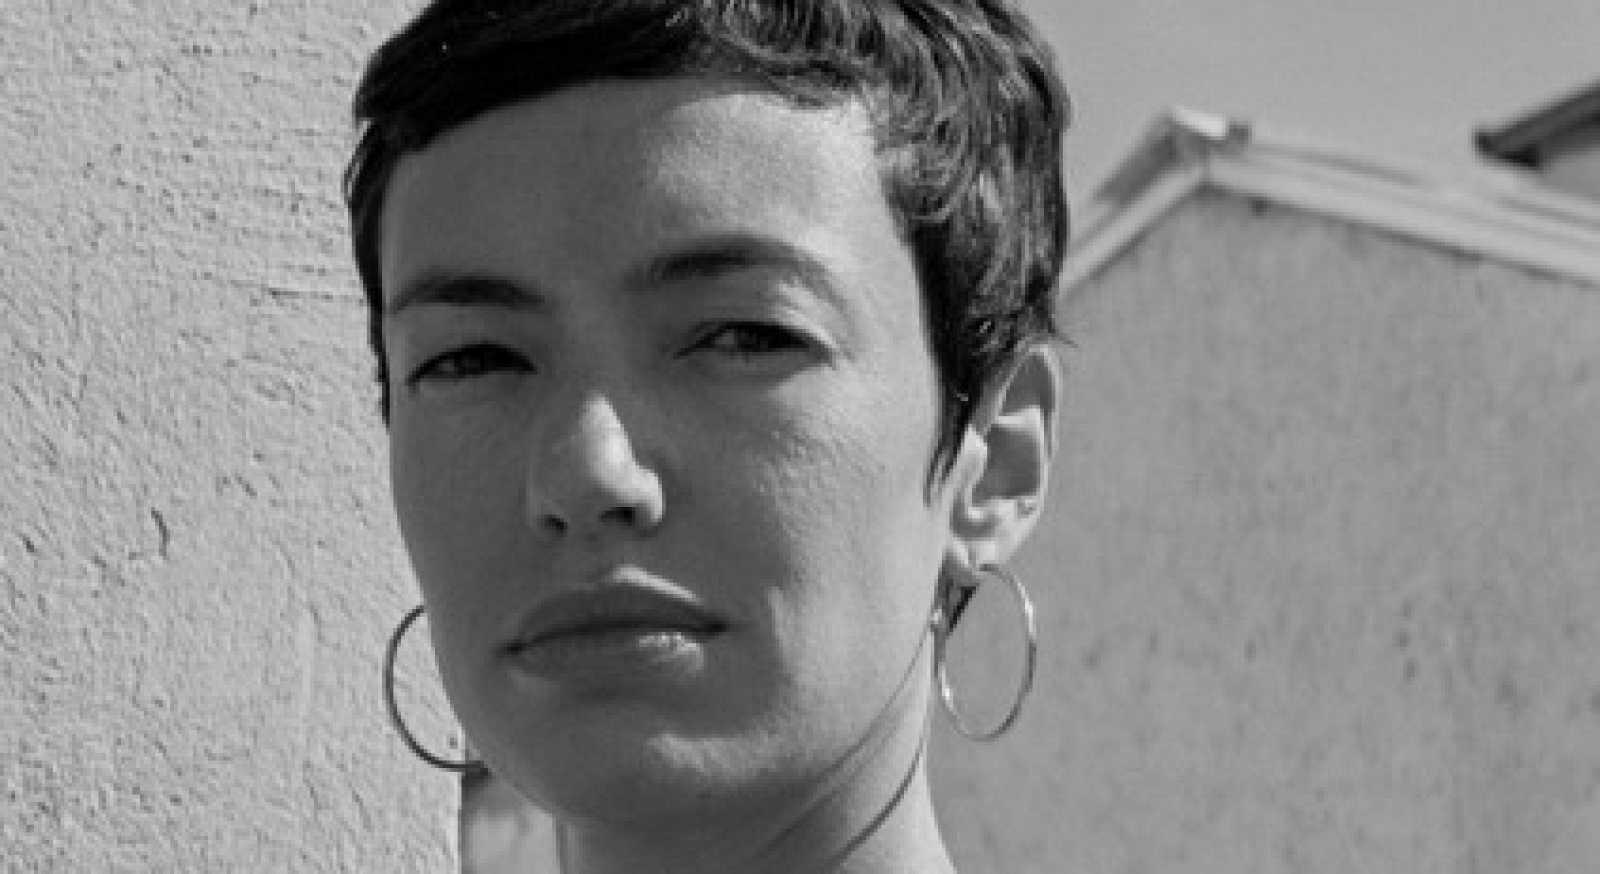 El café lo hago yo - Adriana Royo: 'Reprimir la rabia es destructivo' - 29/11/20 - Escuchar ahora